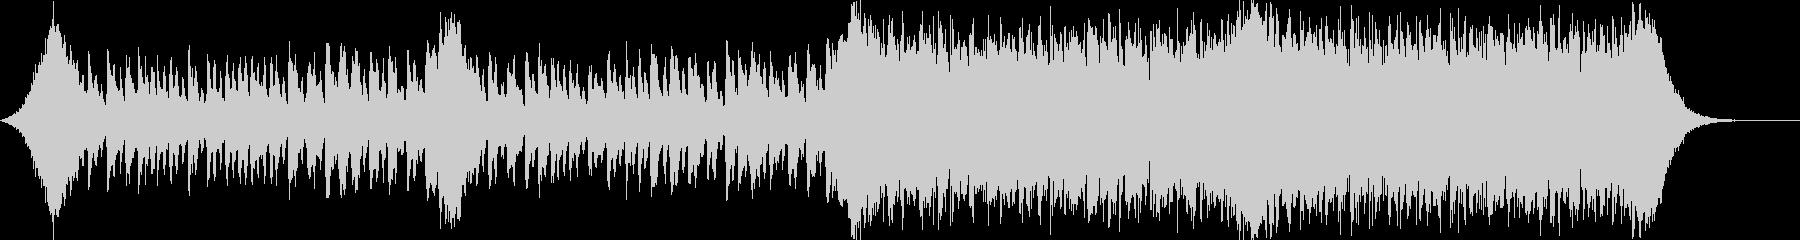 企業VPや映像49、壮大、オーケストラbの未再生の波形